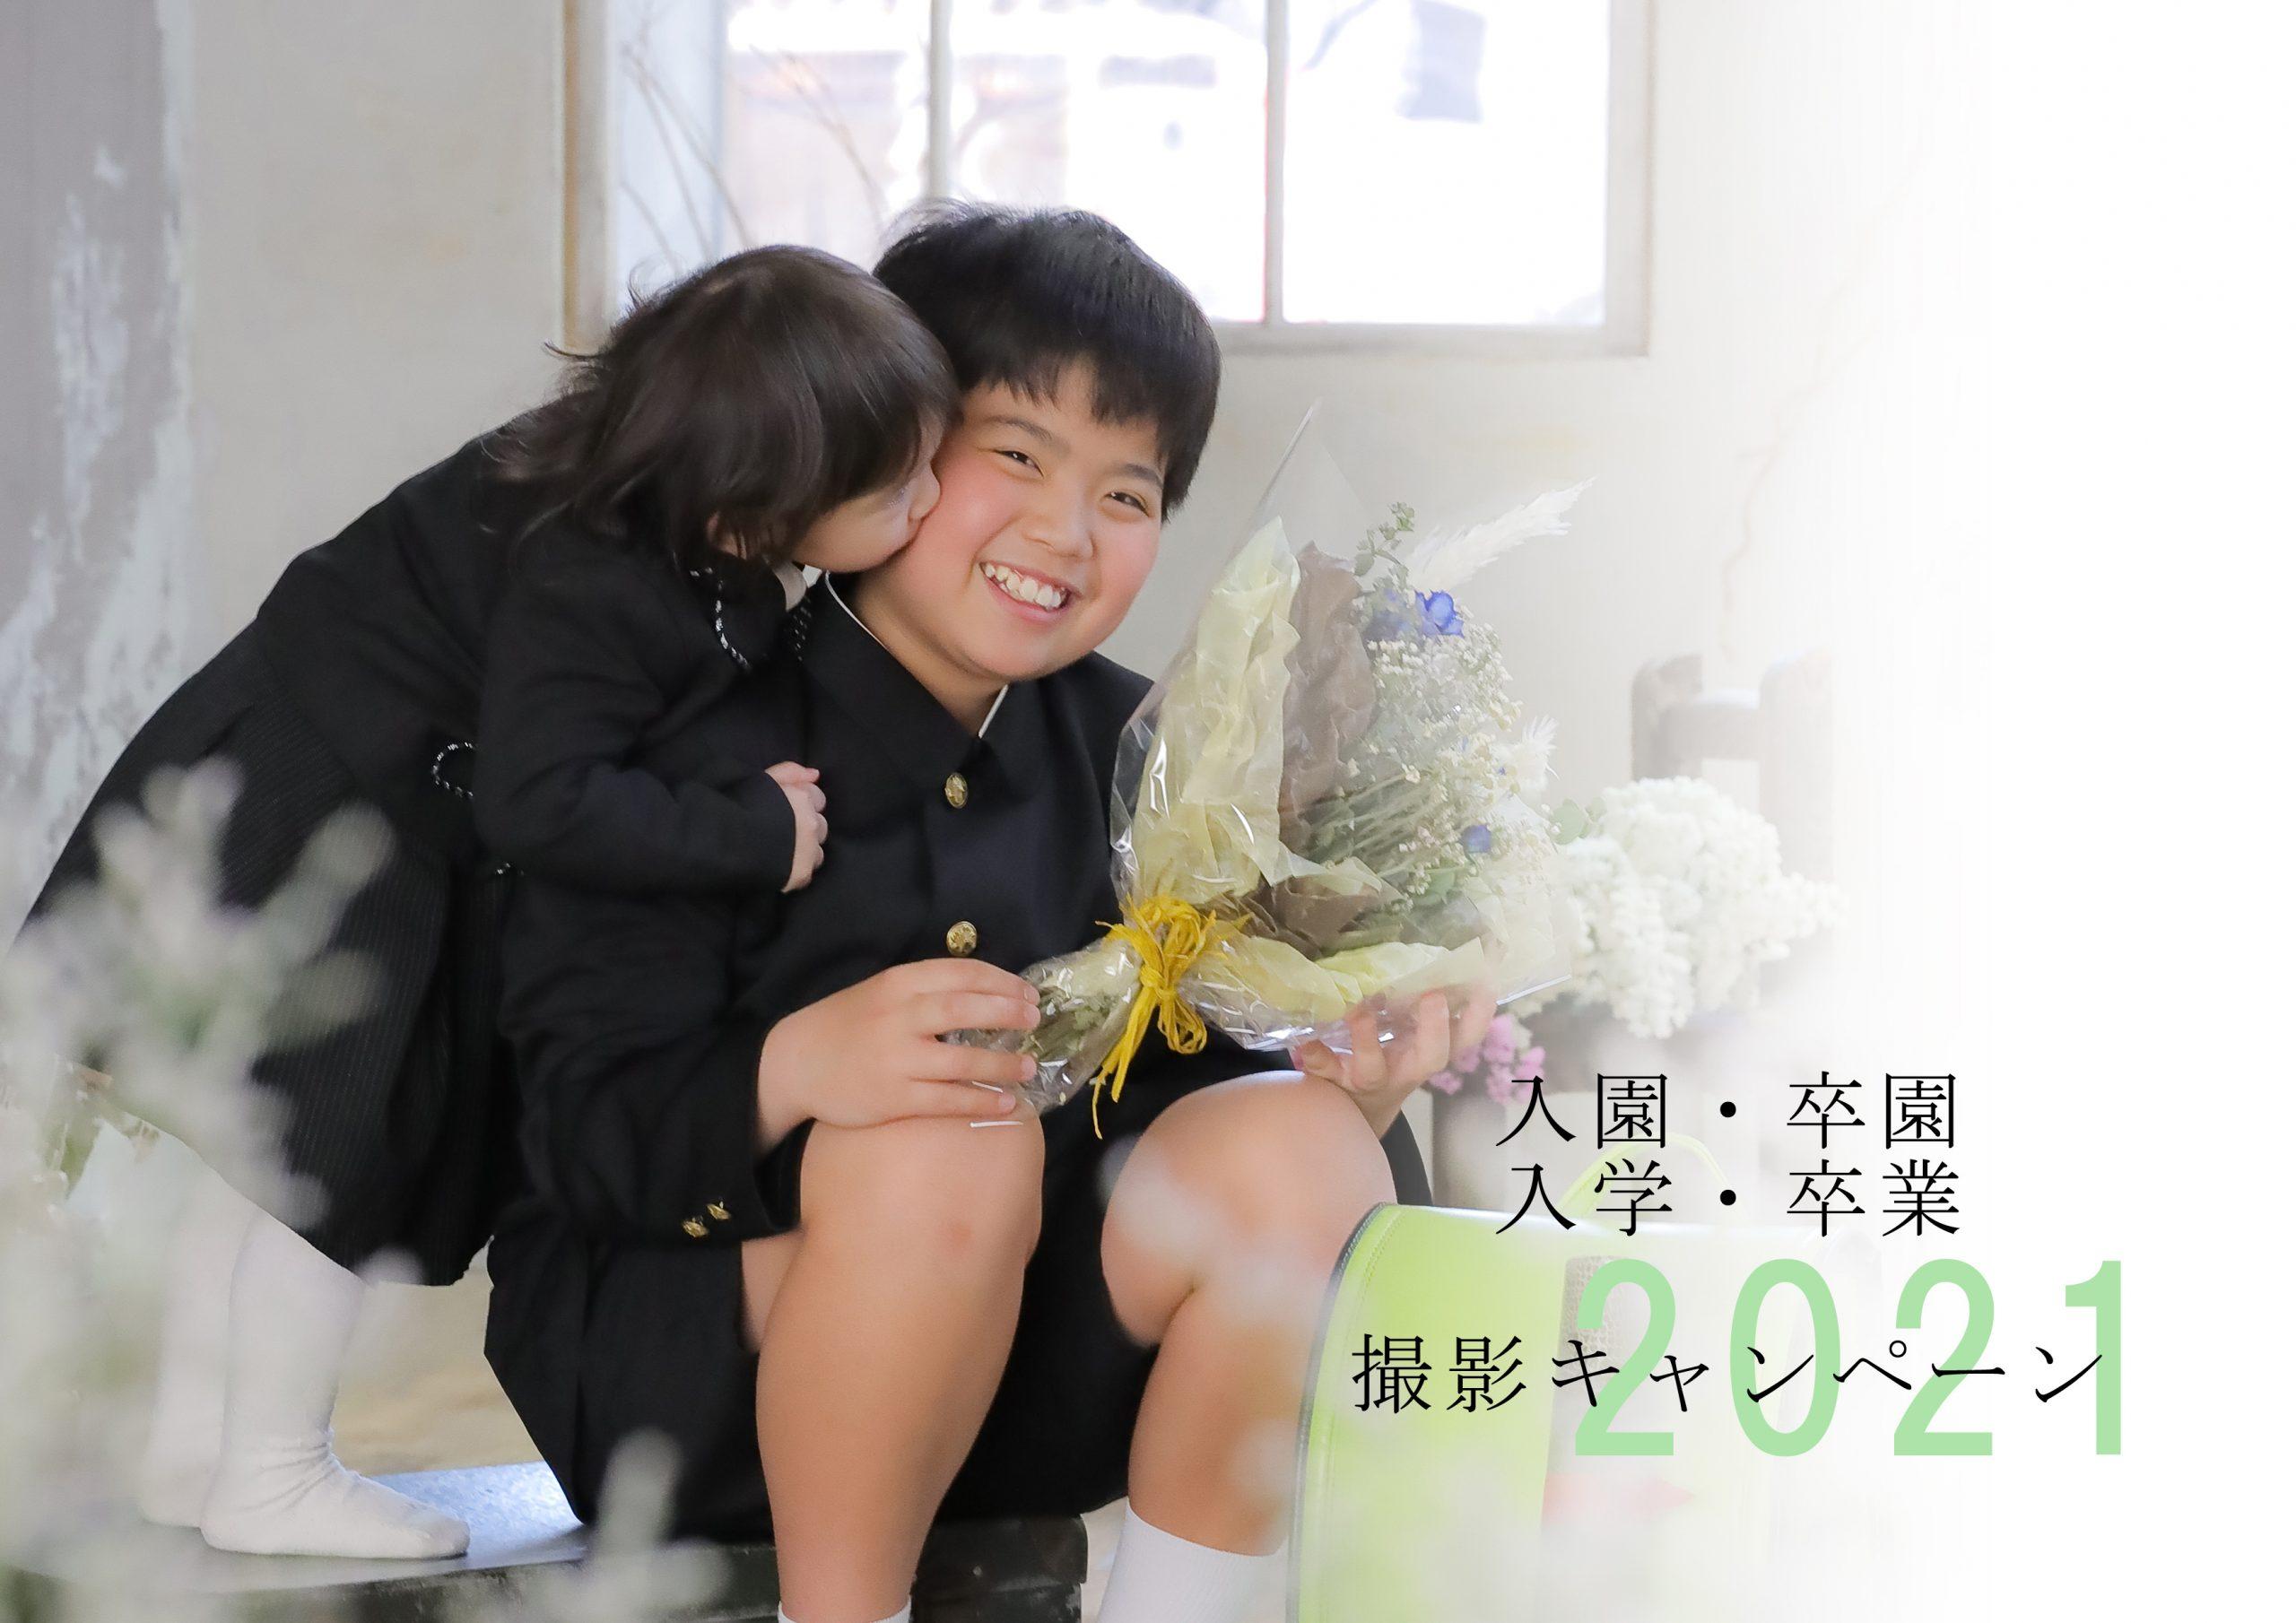 【2021年 入卒園・入学・卒業のお子様限定!】 みんなで撮影キャンペーン